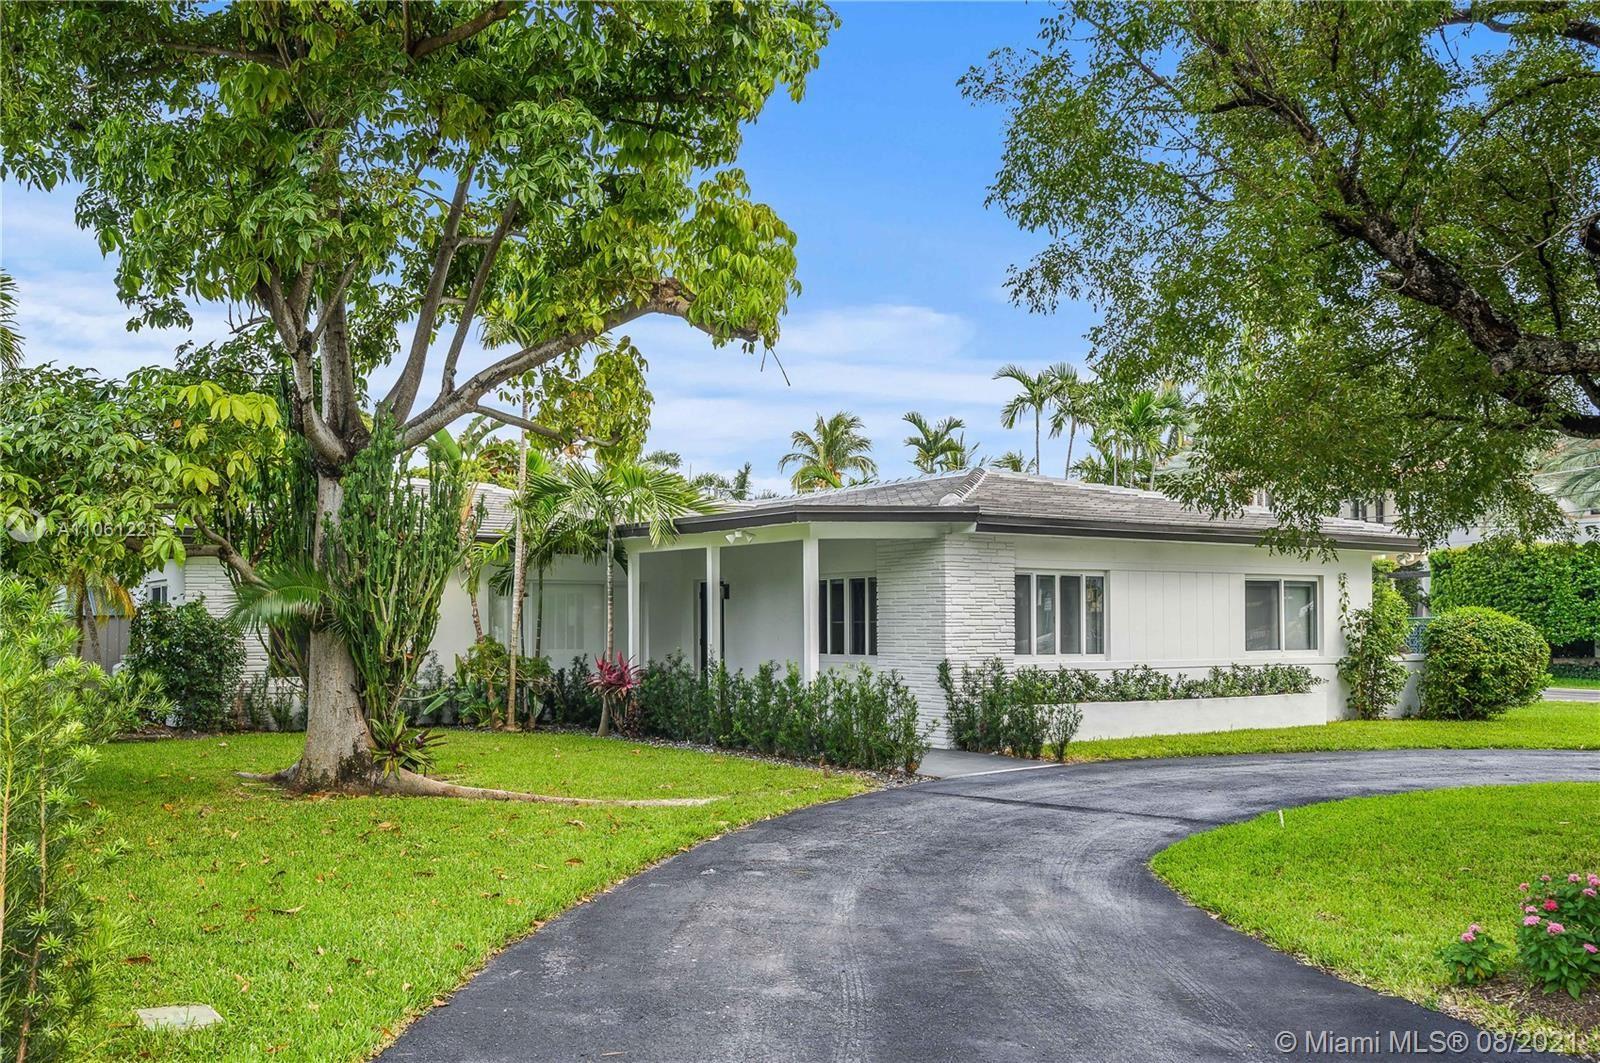 205 S Hibiscus Dr, Miami Beach, FL 33139 - #: A11061221